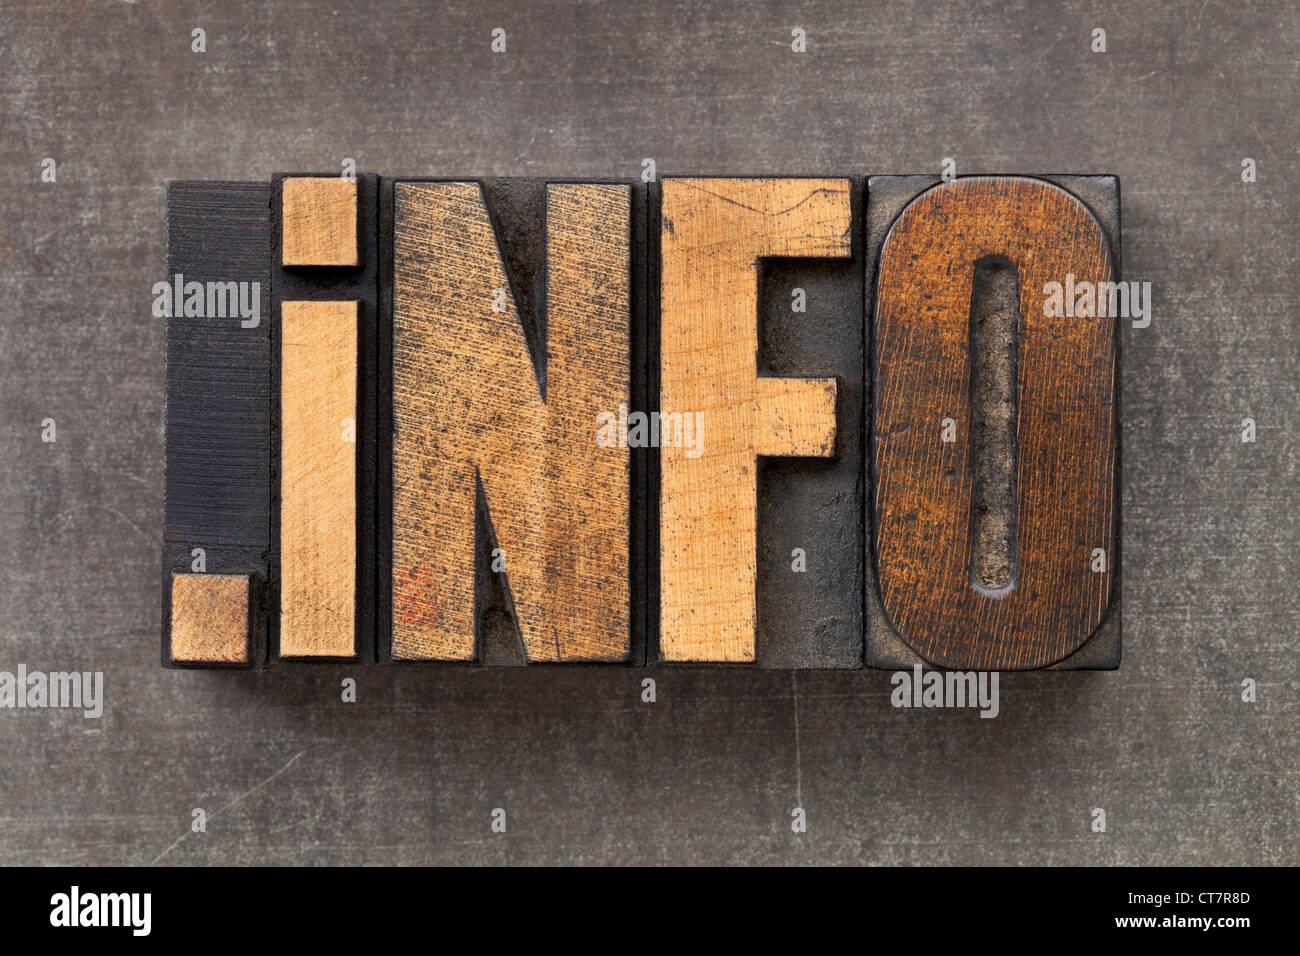 Dot Info - Internet-Domain für Informationsressourcen in Vintage Holz Buchdruck Druckstöcken auf einem Stockbild